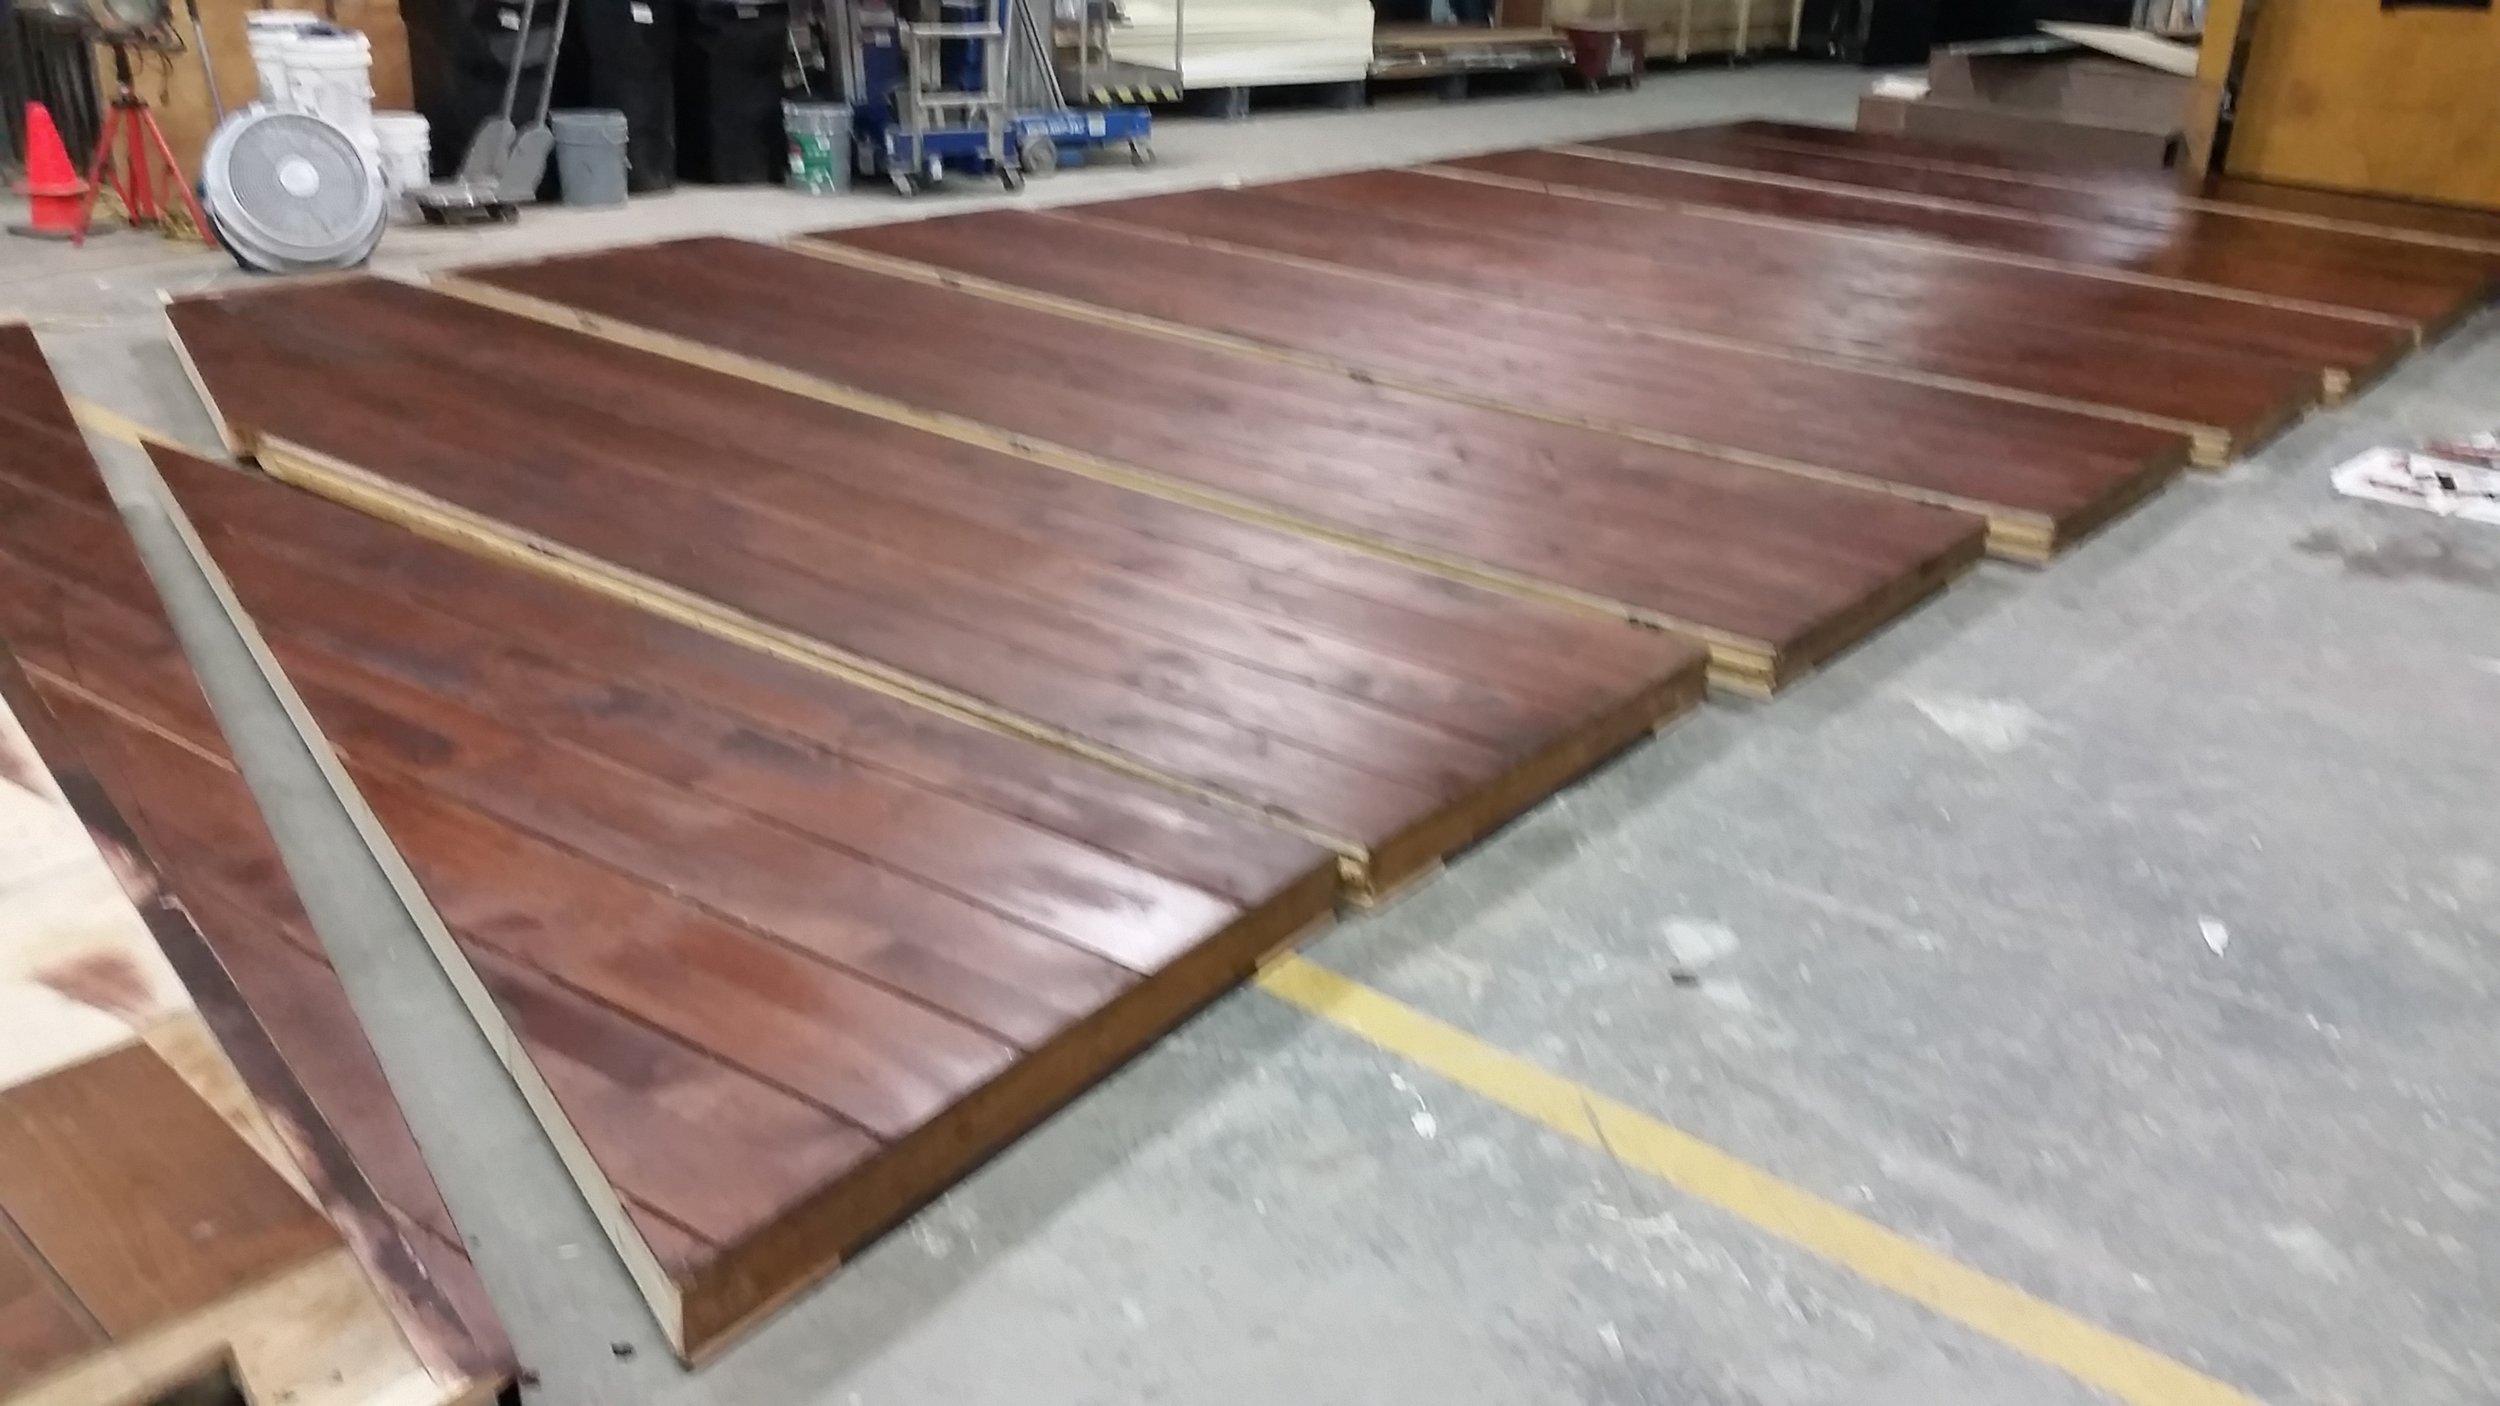 Mahogany Stained Flooring In Progress